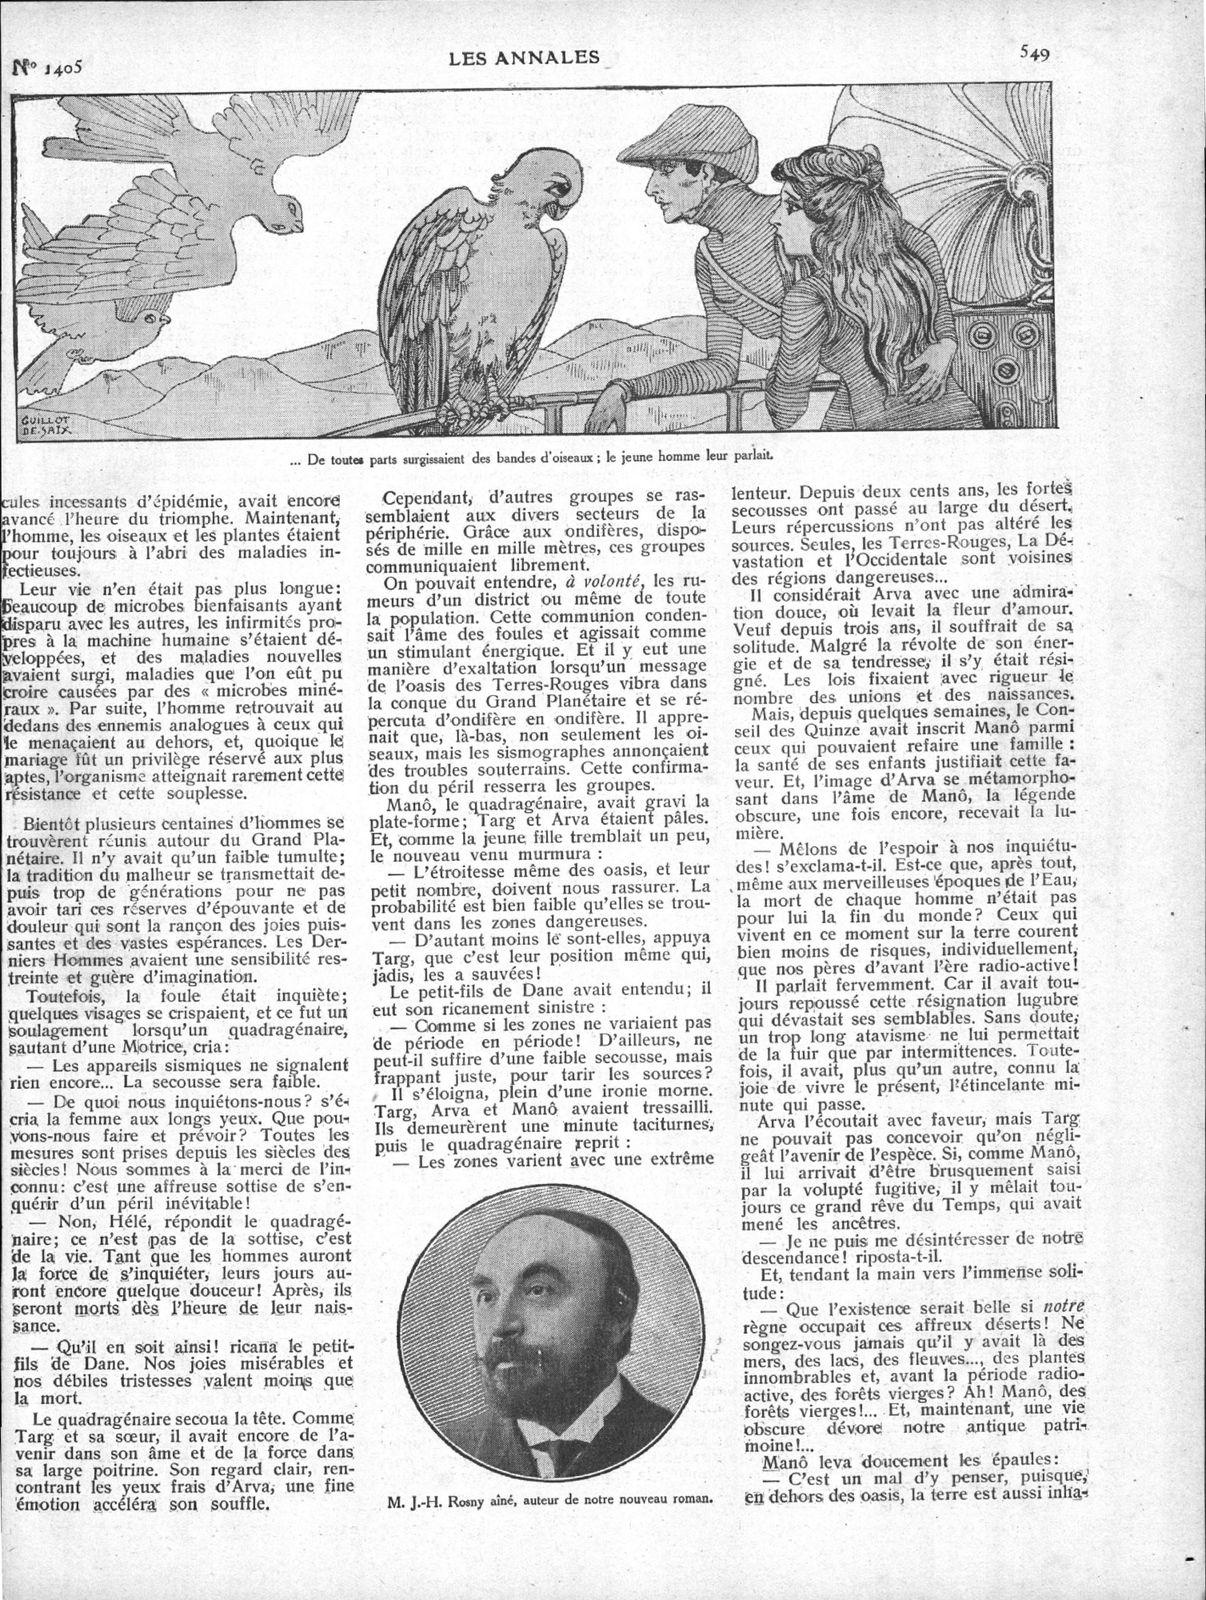 """J.-H. Rosny aîné """"La Mort de la Terre"""" in Les Annales politiques et littéraires n°1405 du 29 mai 1910"""